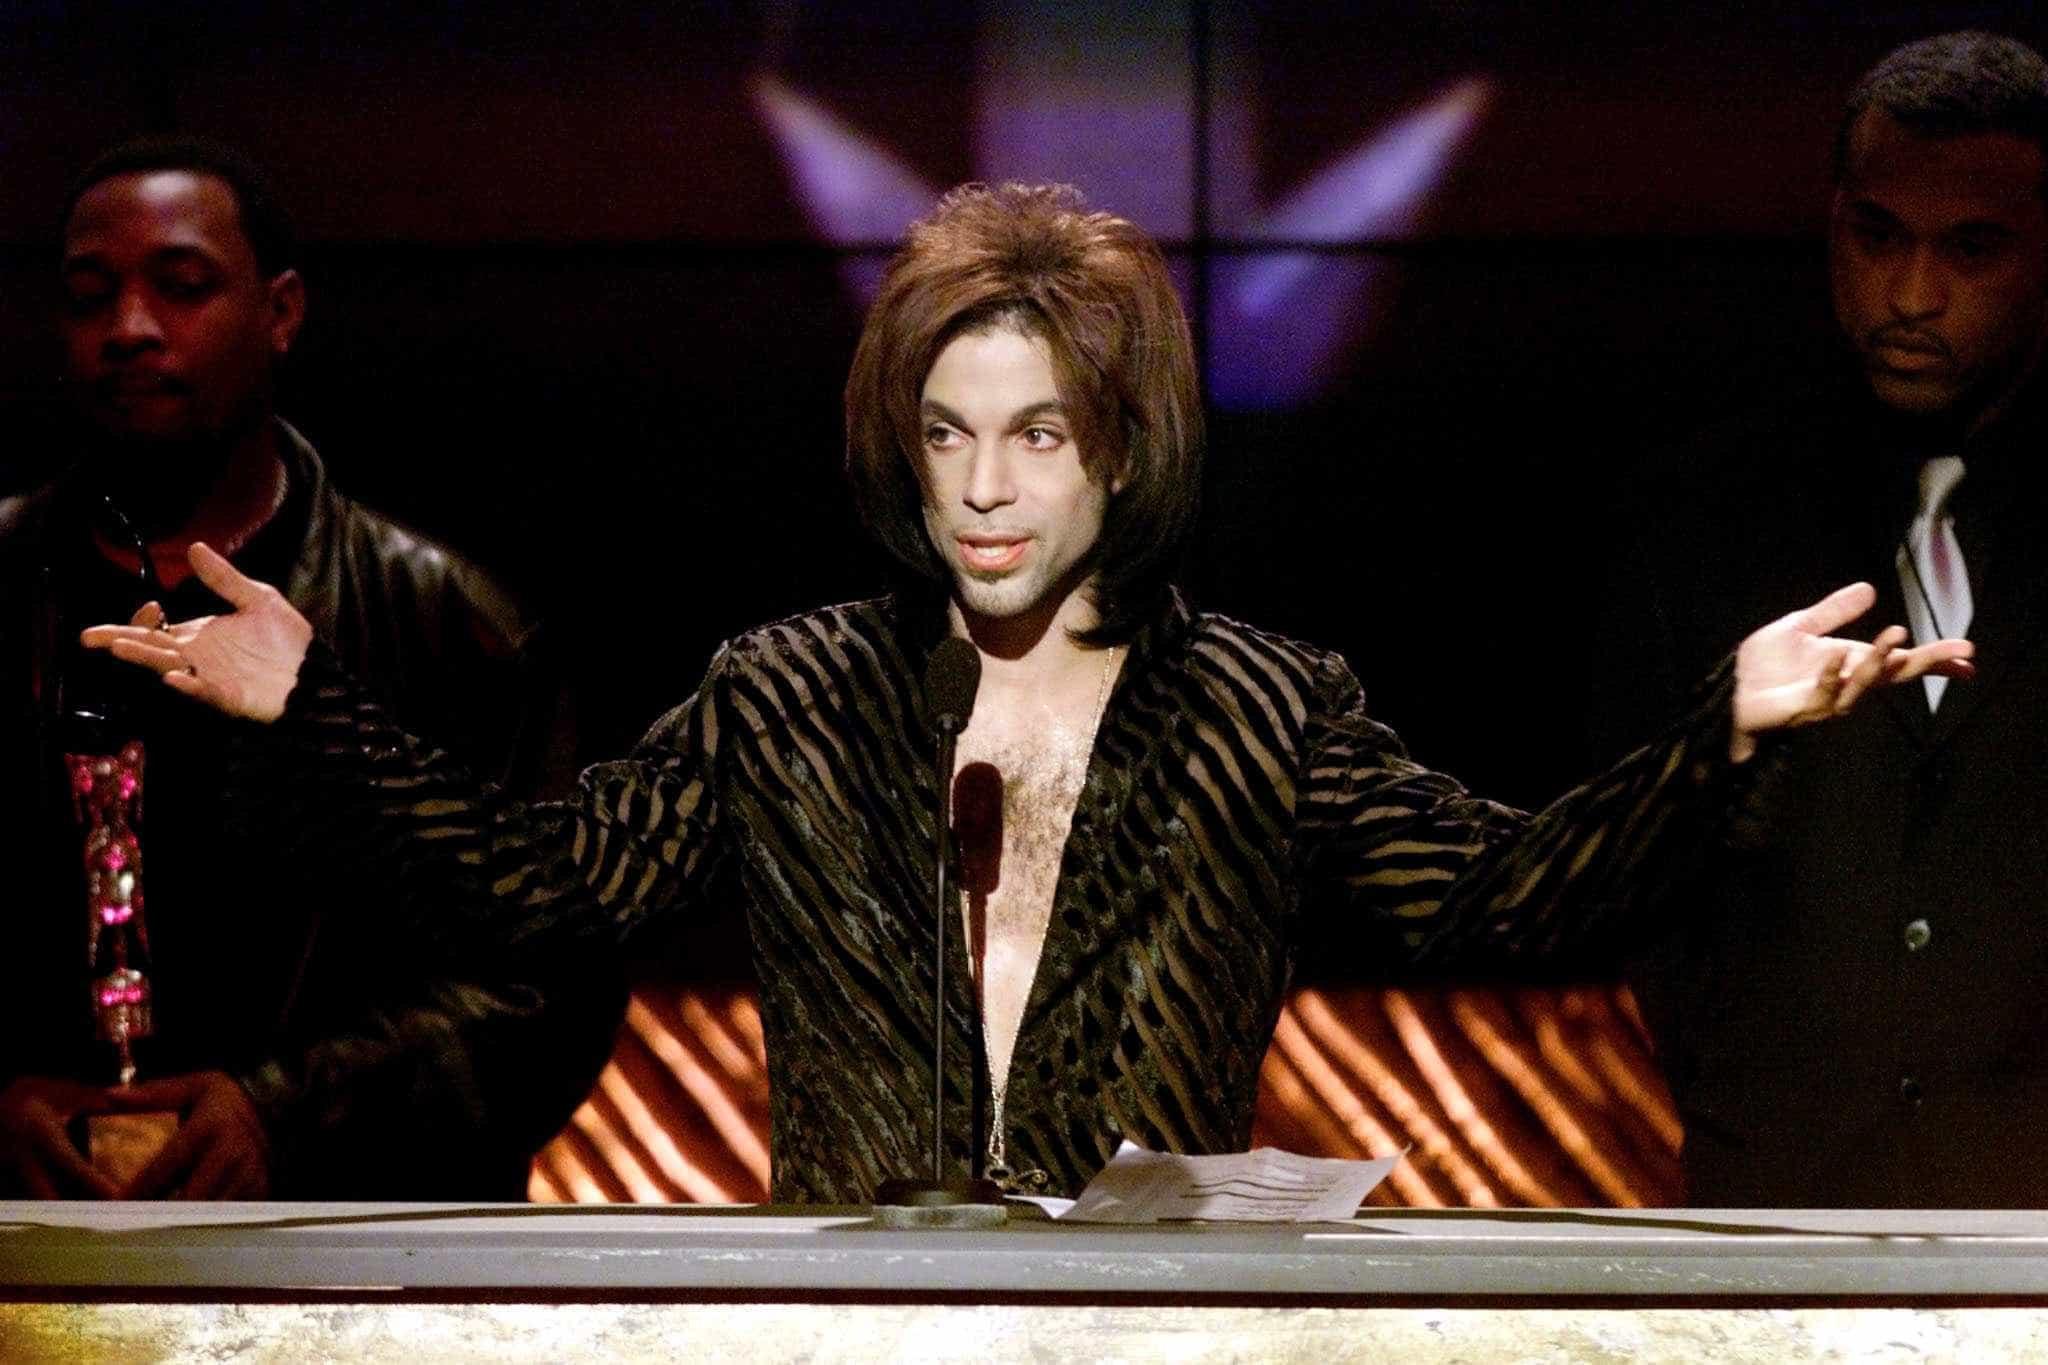 Álbum com músicas inéditas de Prince, morto em 2016, sairá em setembro